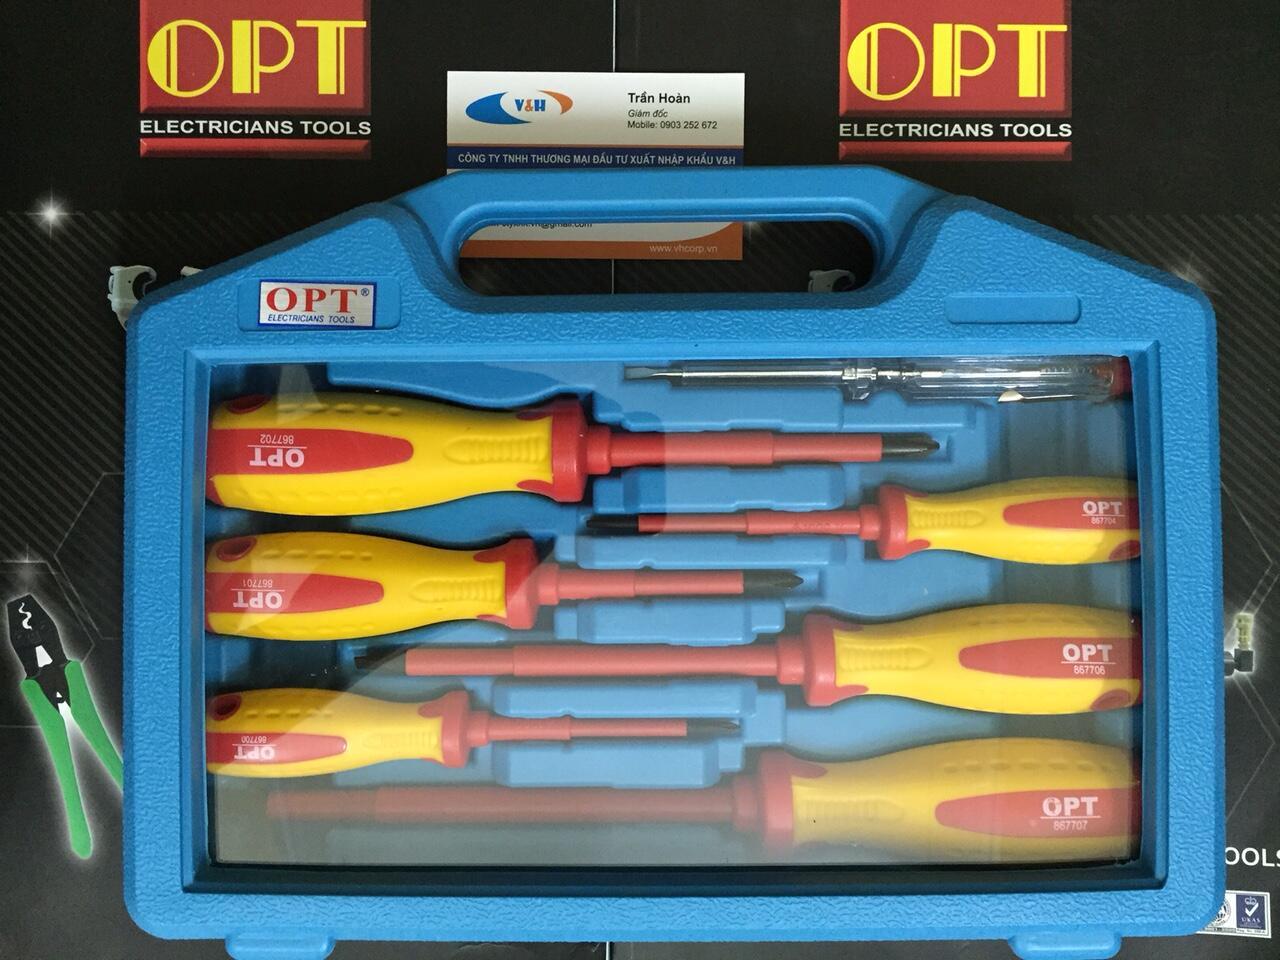 Bộ tô vít cách điện 1000V OPT SW-867-A7